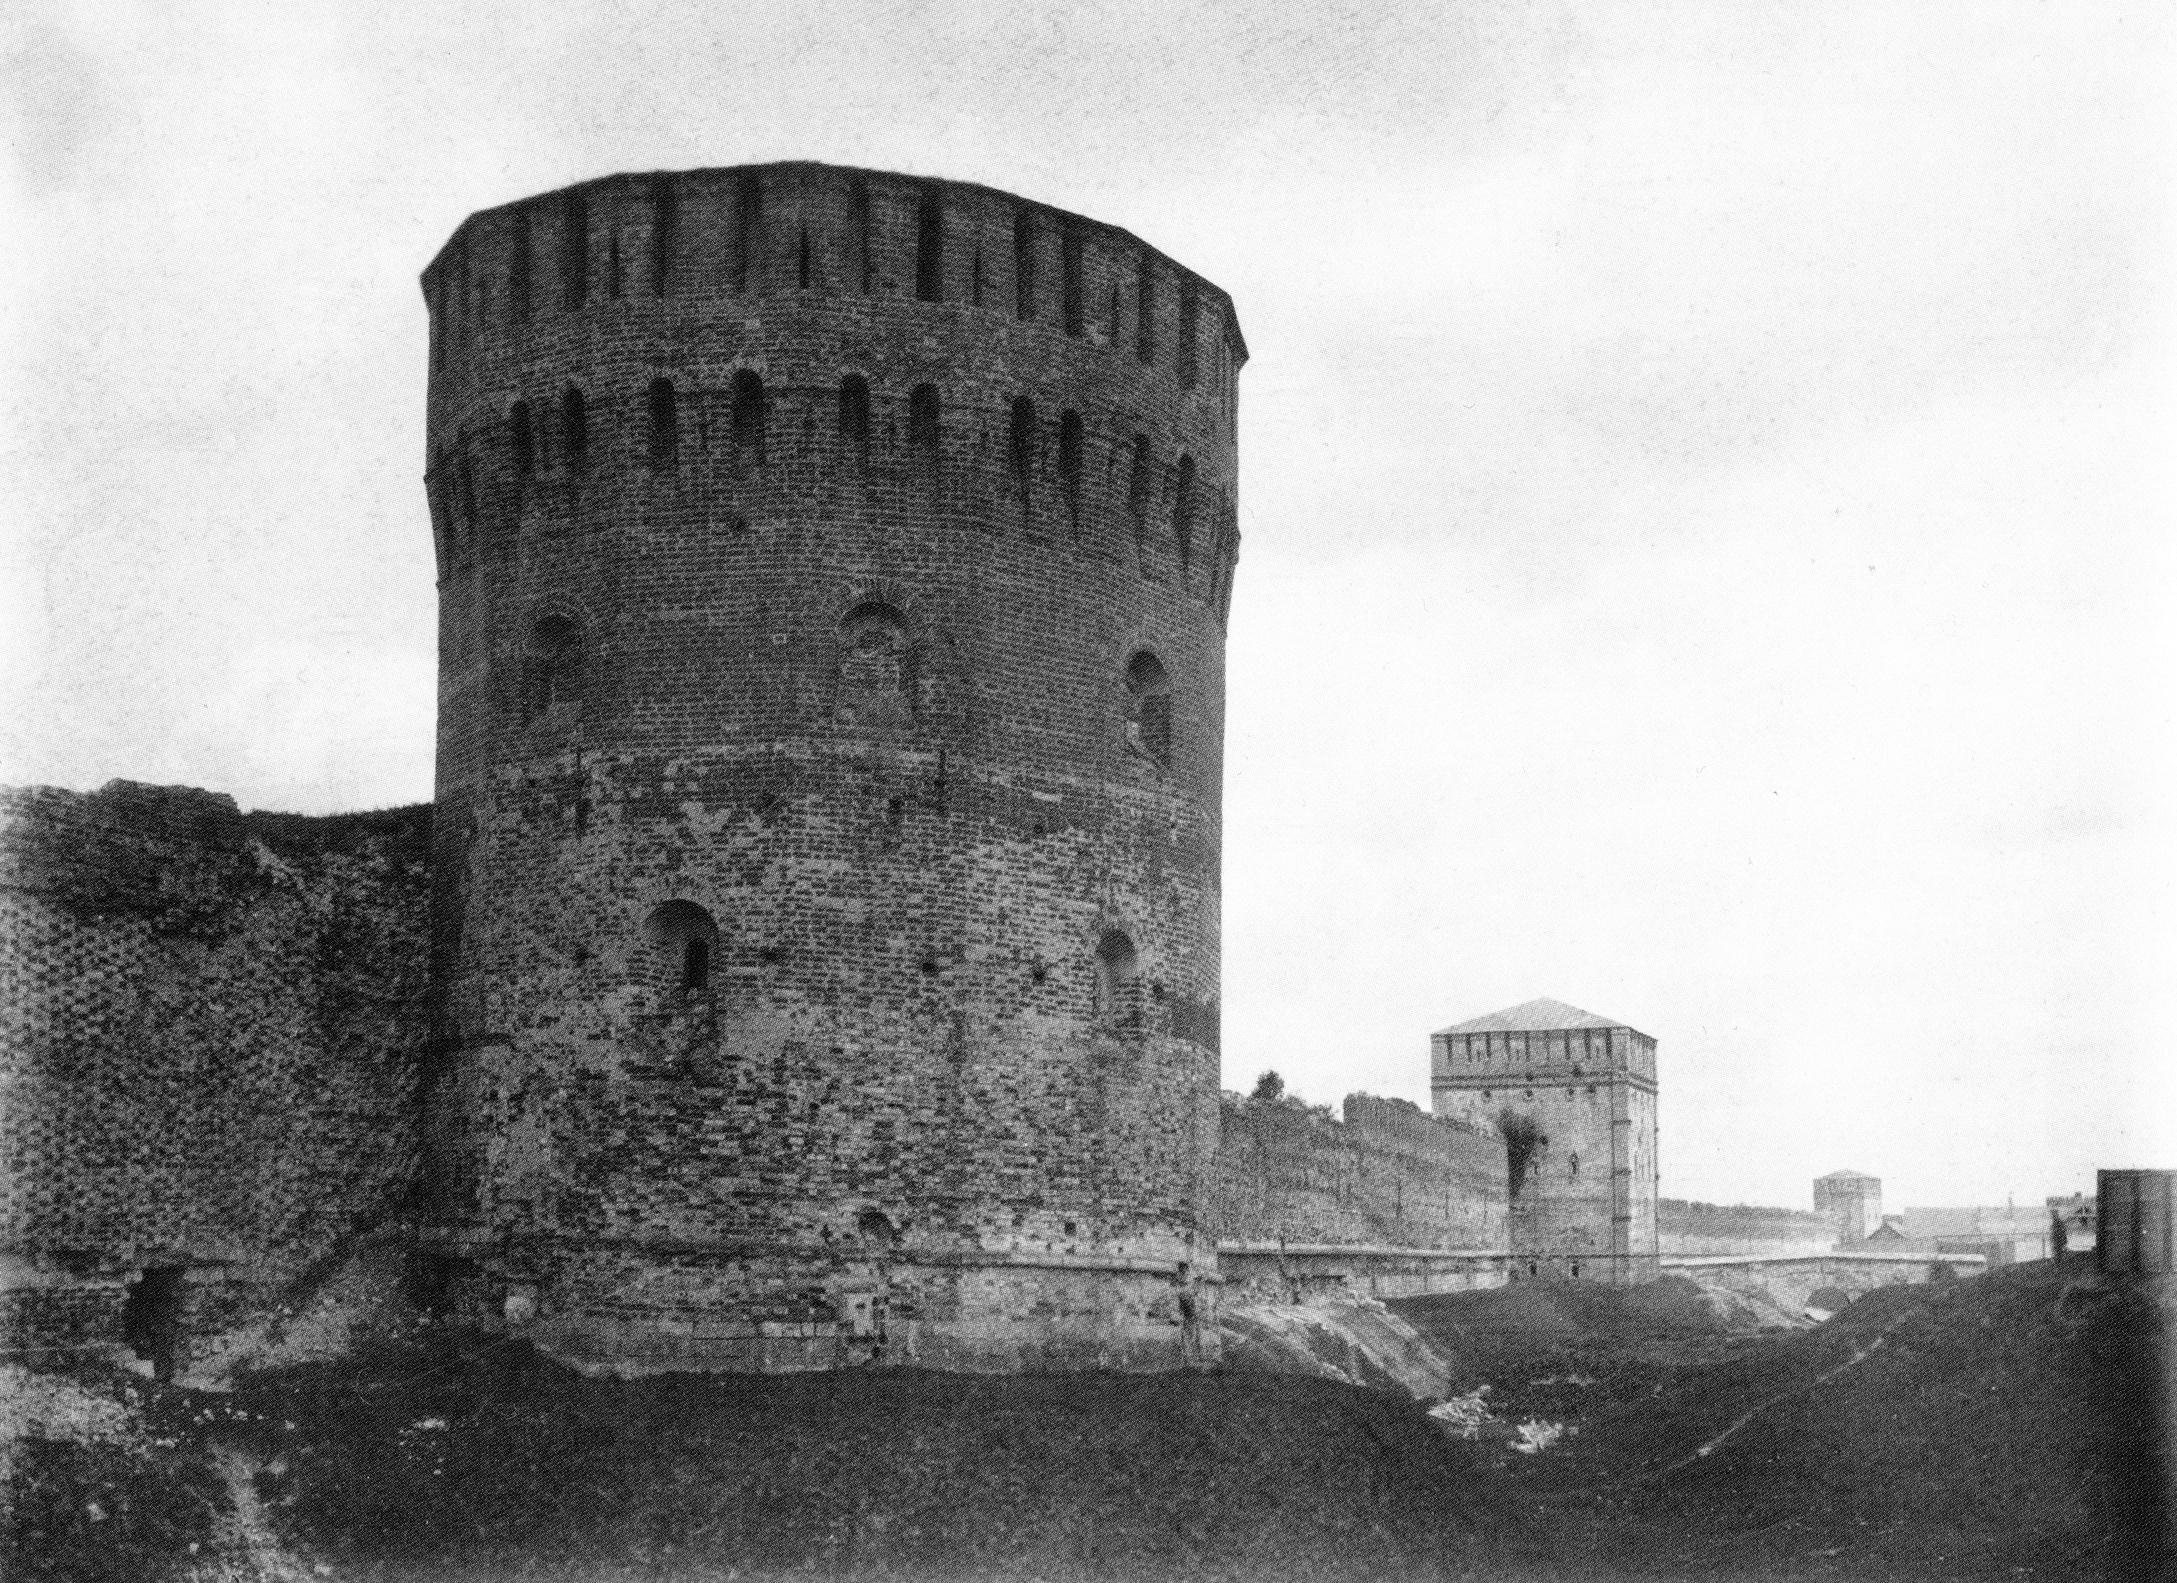 Башни Евстафьевская, Никольская и Зимбулка. 1889